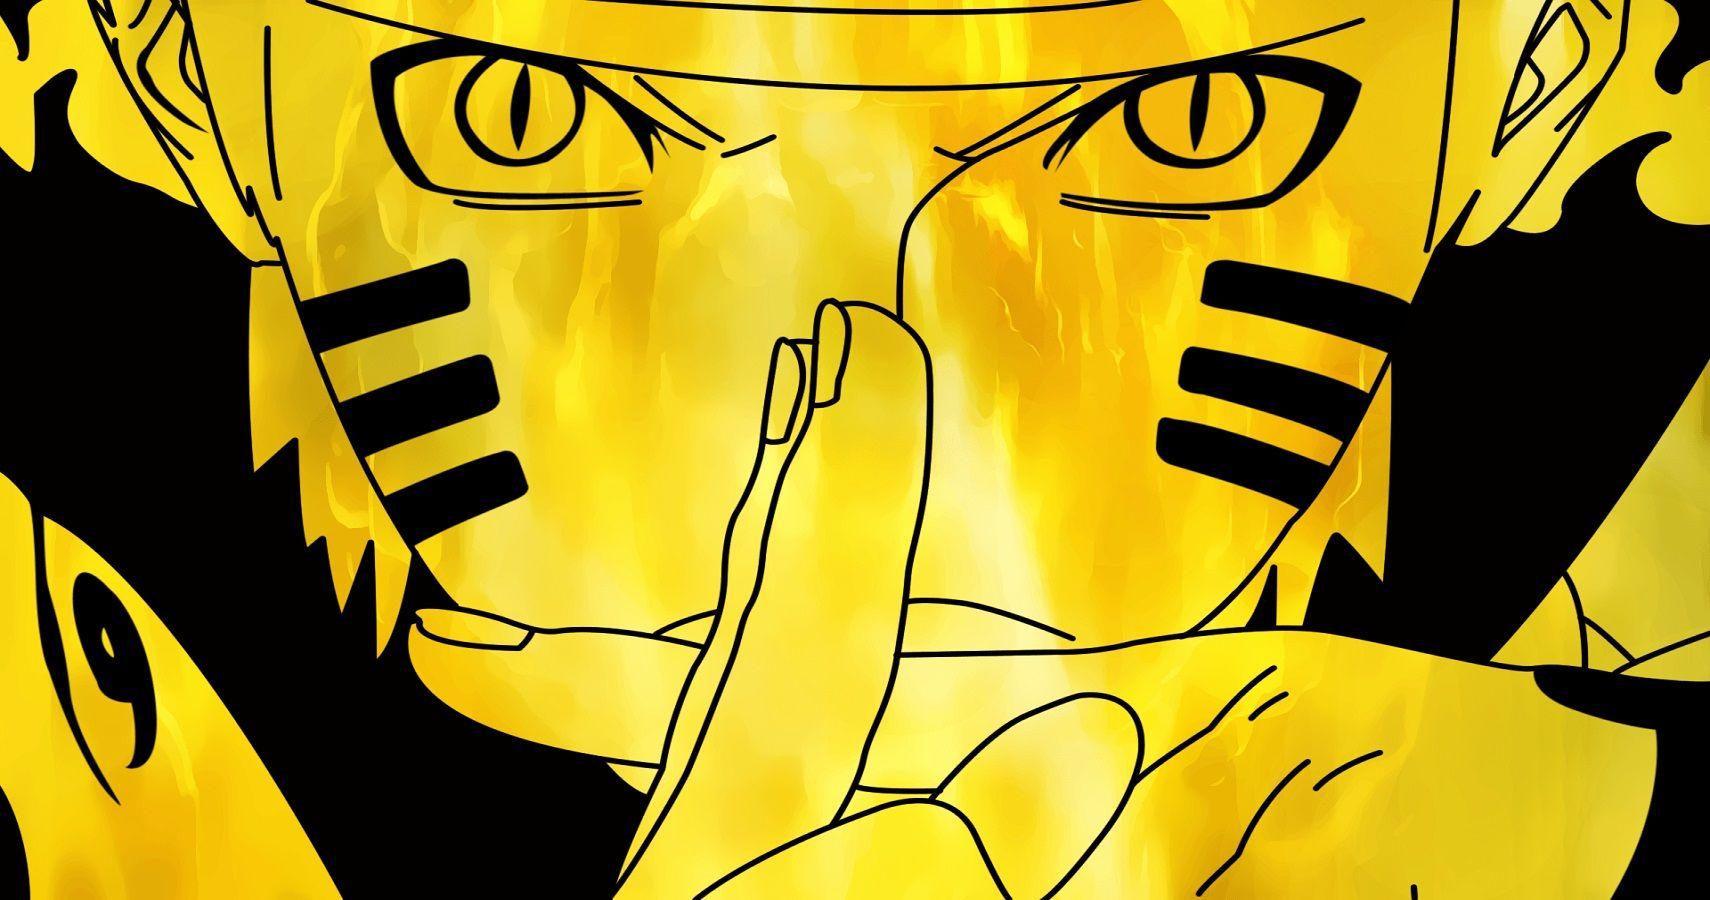 Naruto Theory: Is Naruto the New Ten-Tails Jinchuriki?